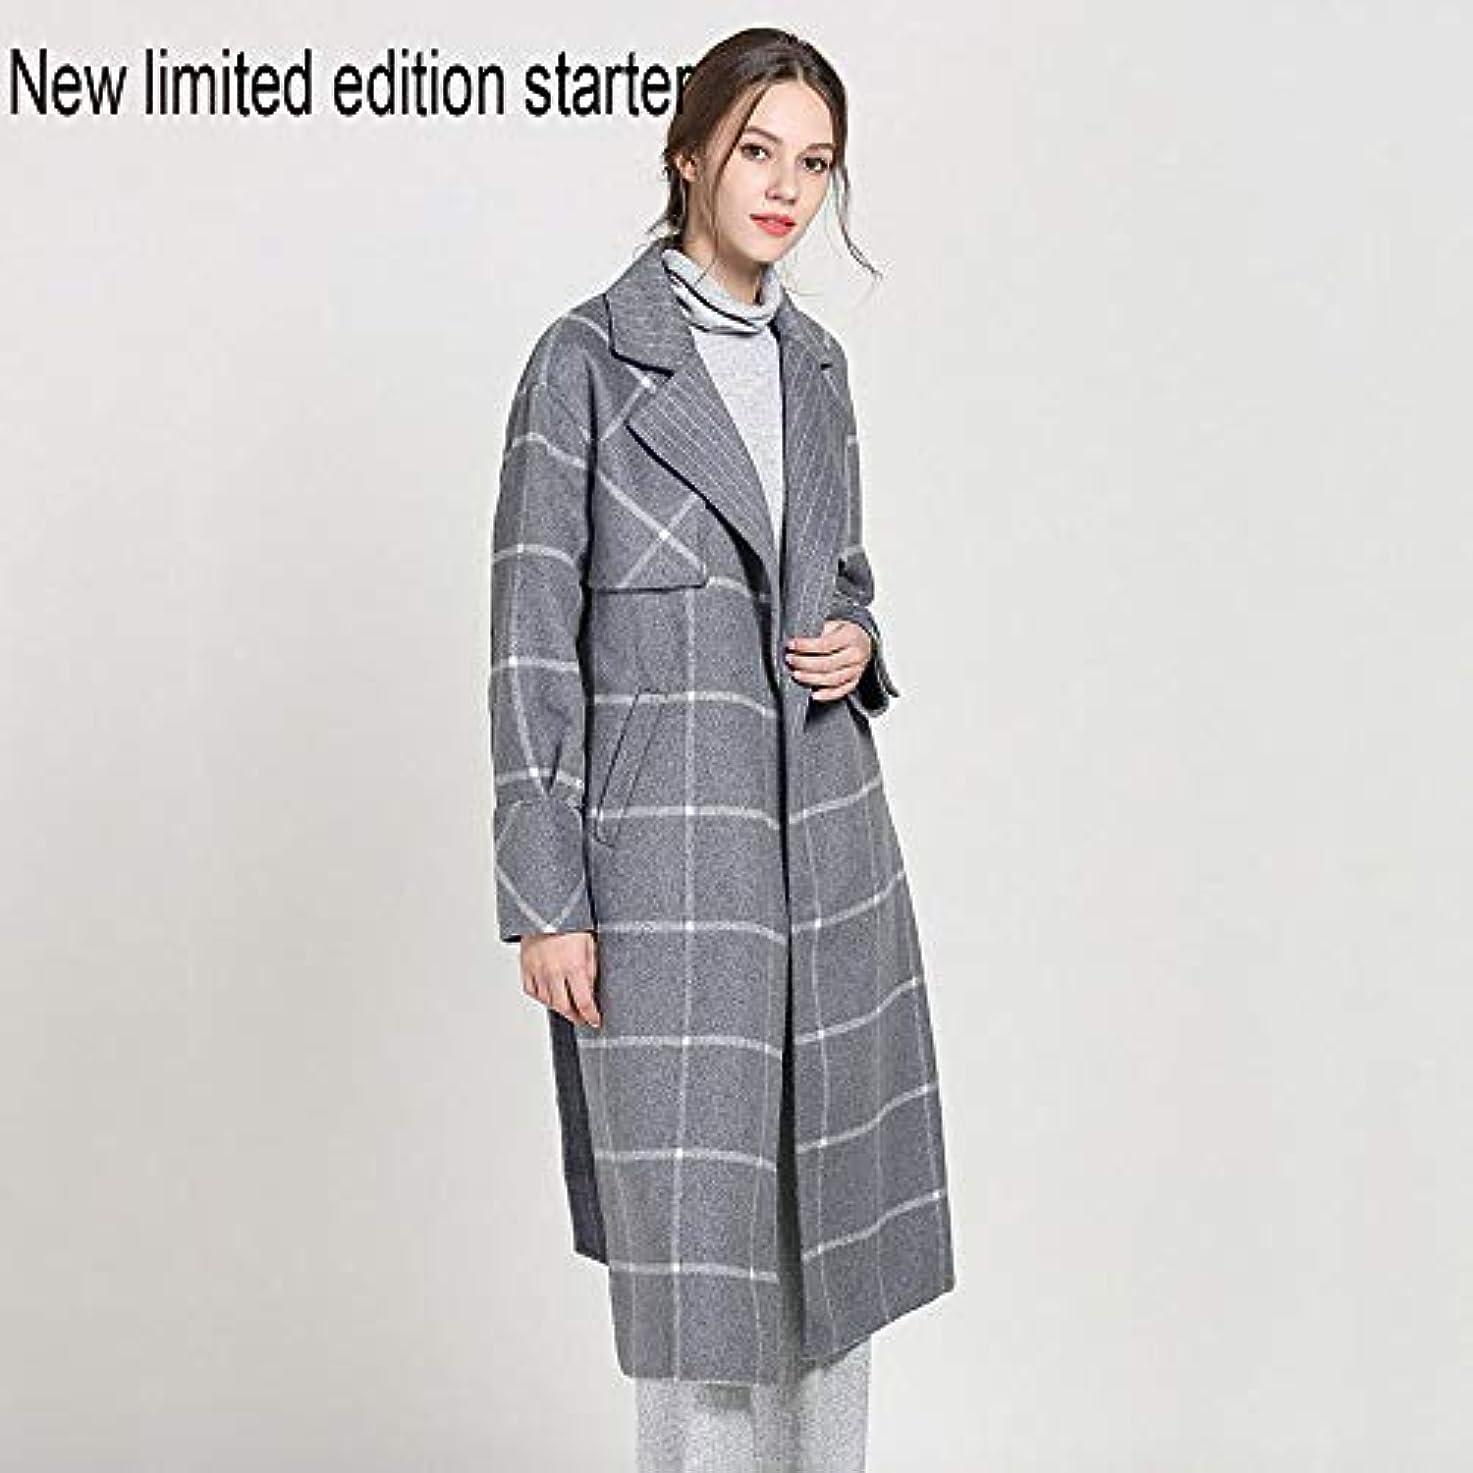 モットー情緒的印刷する新しい女性用カシミヤコート、両面チェック柄ロングコートスーツラペルウールコートヴィンテージレディース女性のうれしそうな冬ジャケットコート,S